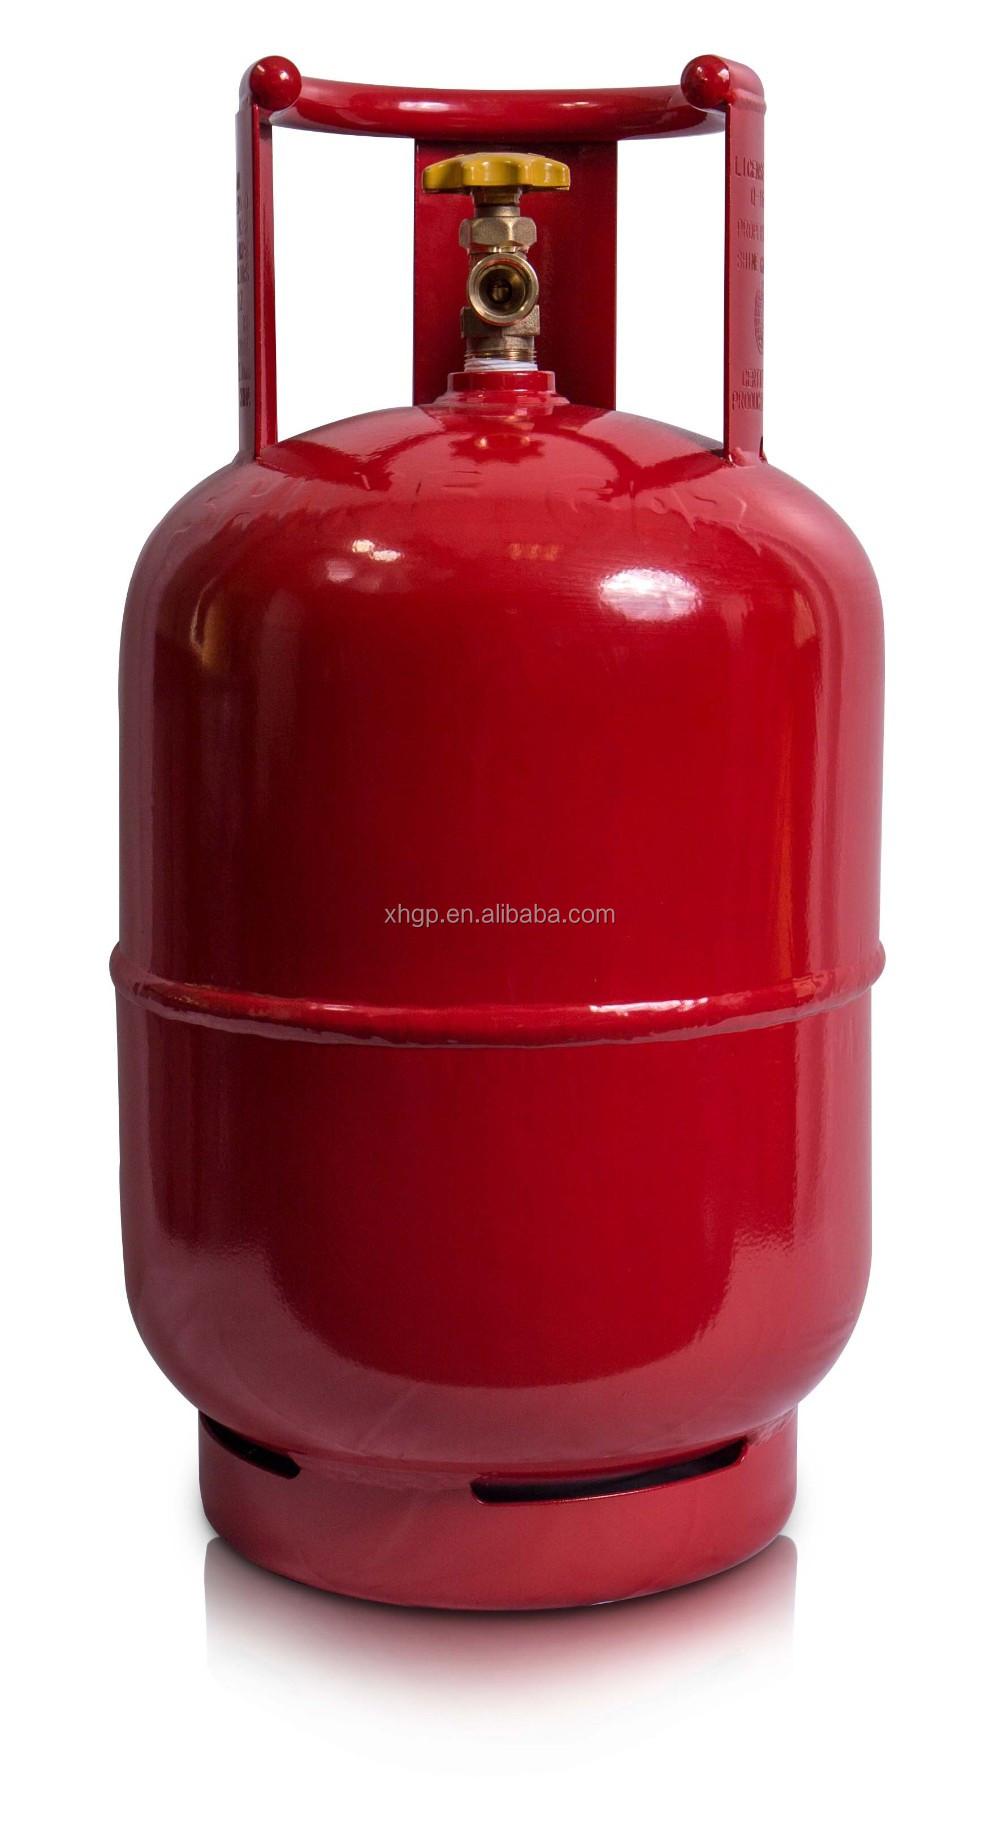 2017 new 11kg empty lpg gas filling cylinder buy 11kg. Black Bedroom Furniture Sets. Home Design Ideas